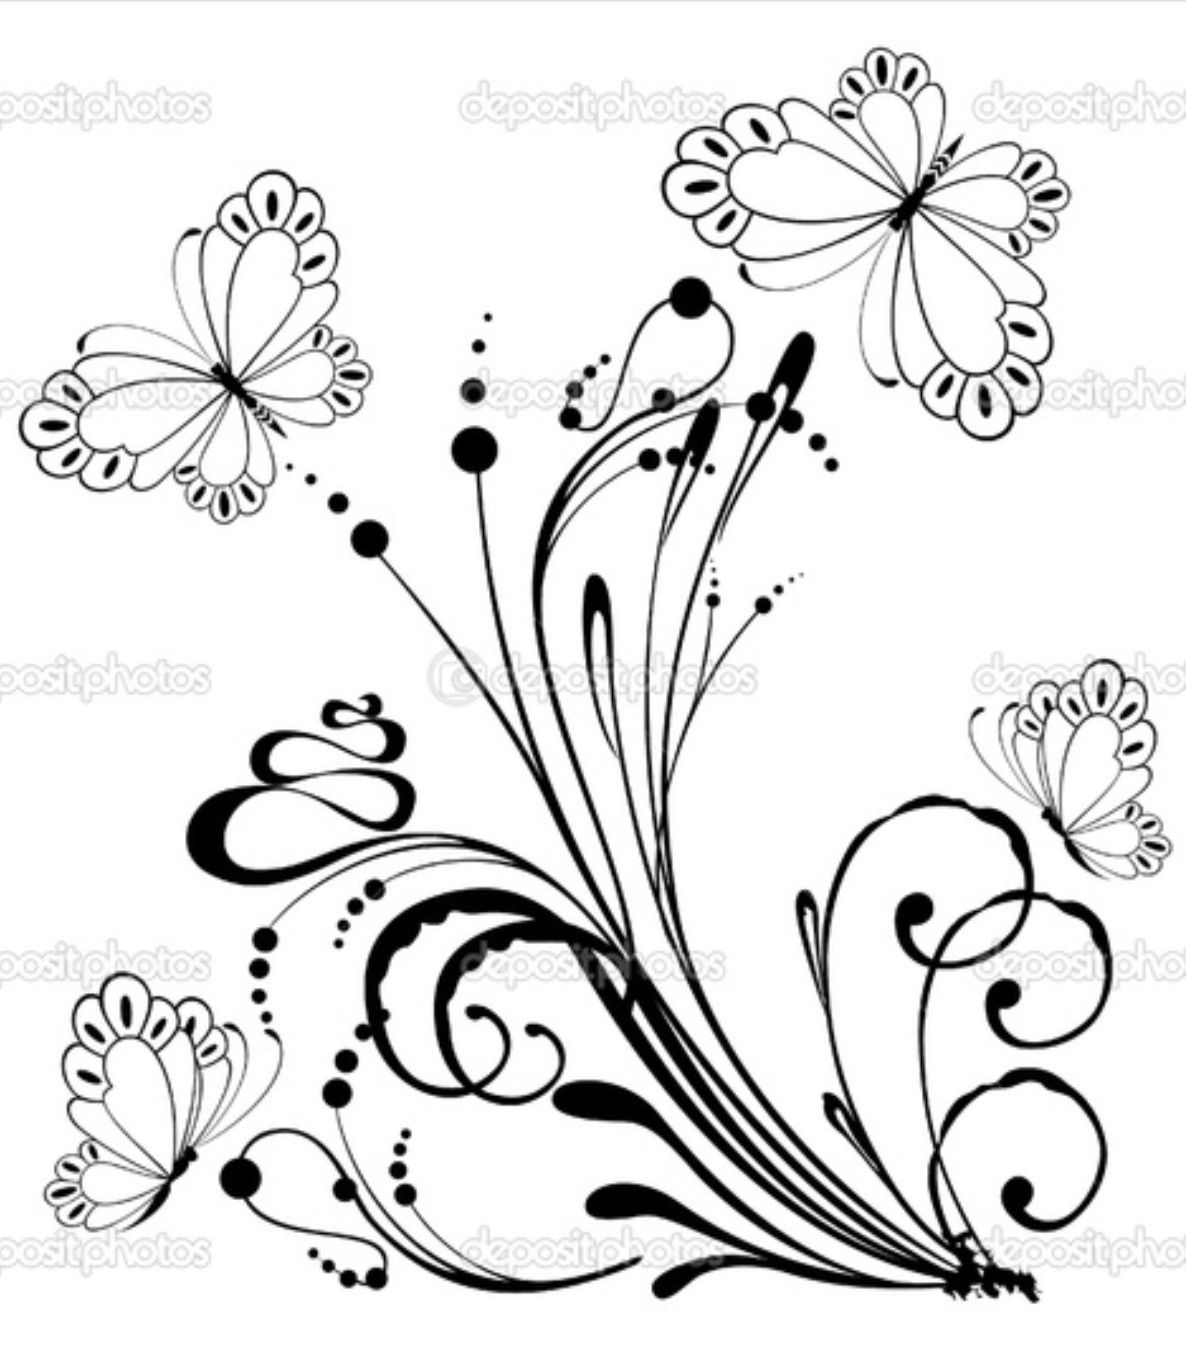 Cloth patterns   Рисунки цветов, Цветочные раскраски и ...